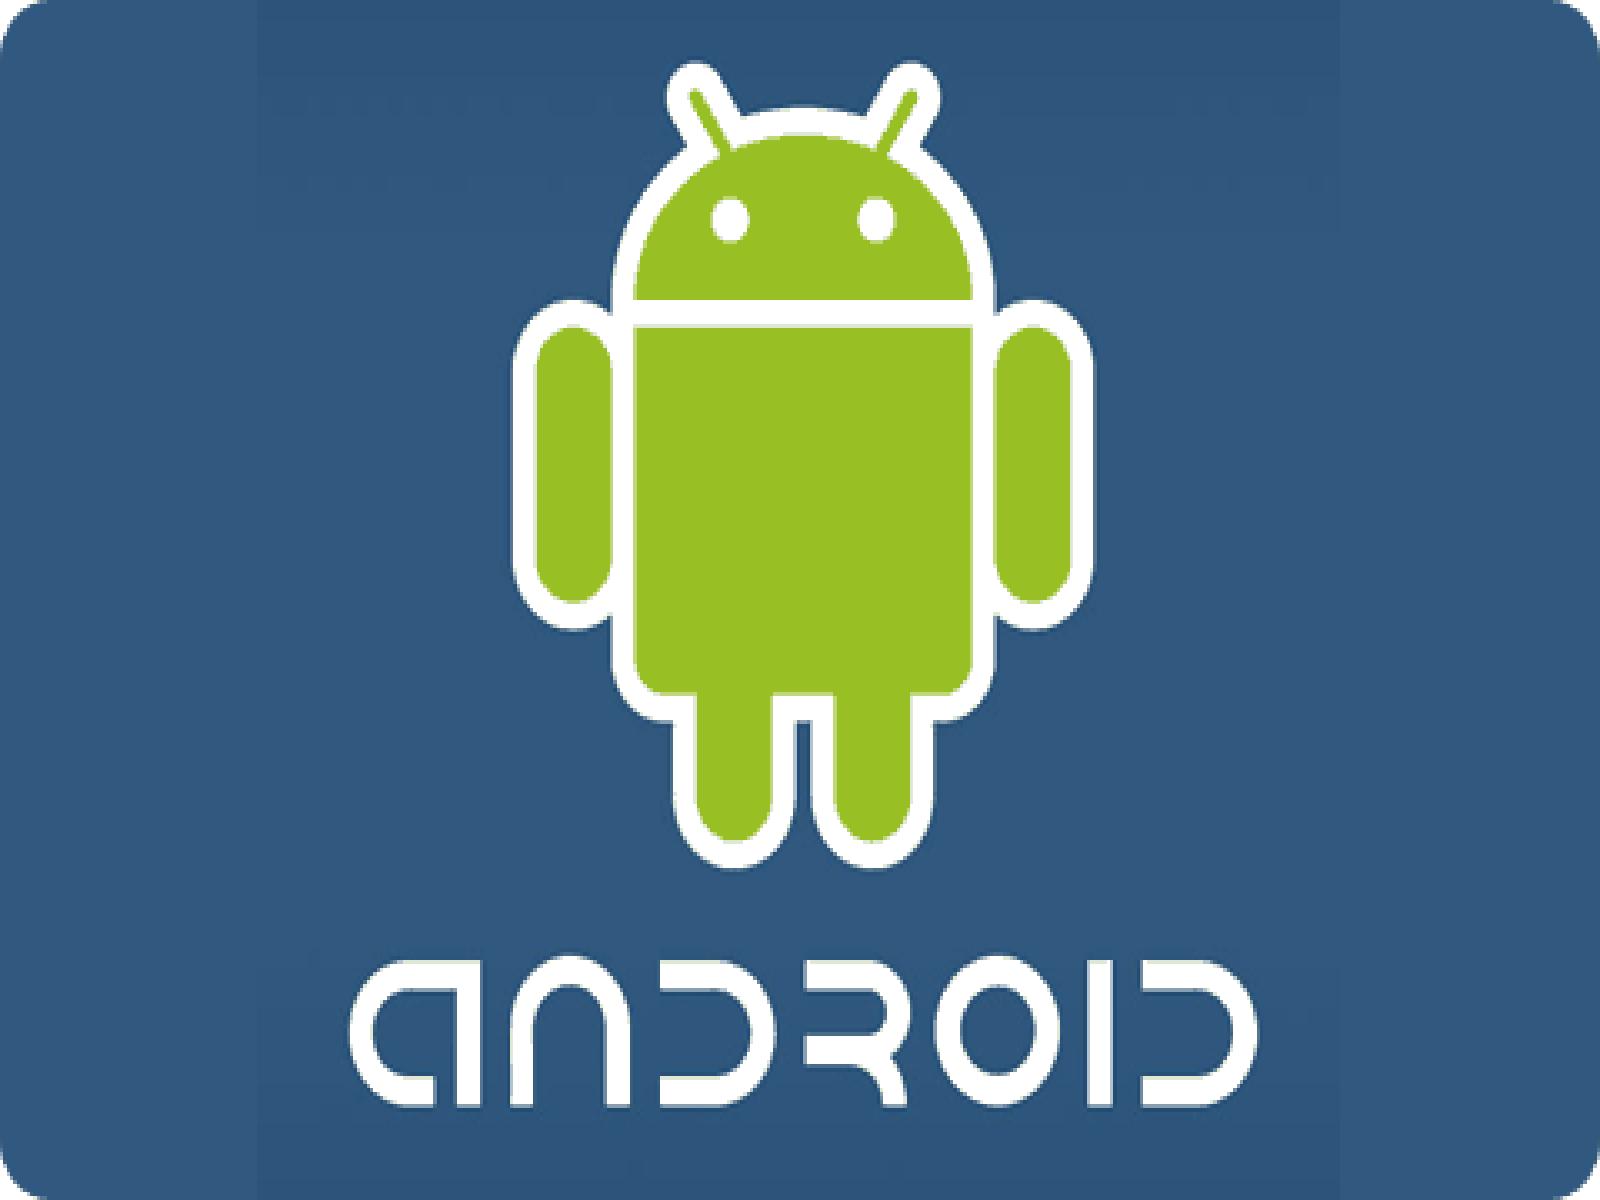 دوره آموزشی برنامه نویسی اندروید – Android|آموزشگاه کامپیوتر پرتودوره آموزشی برنامه نویسی اندروید – Android